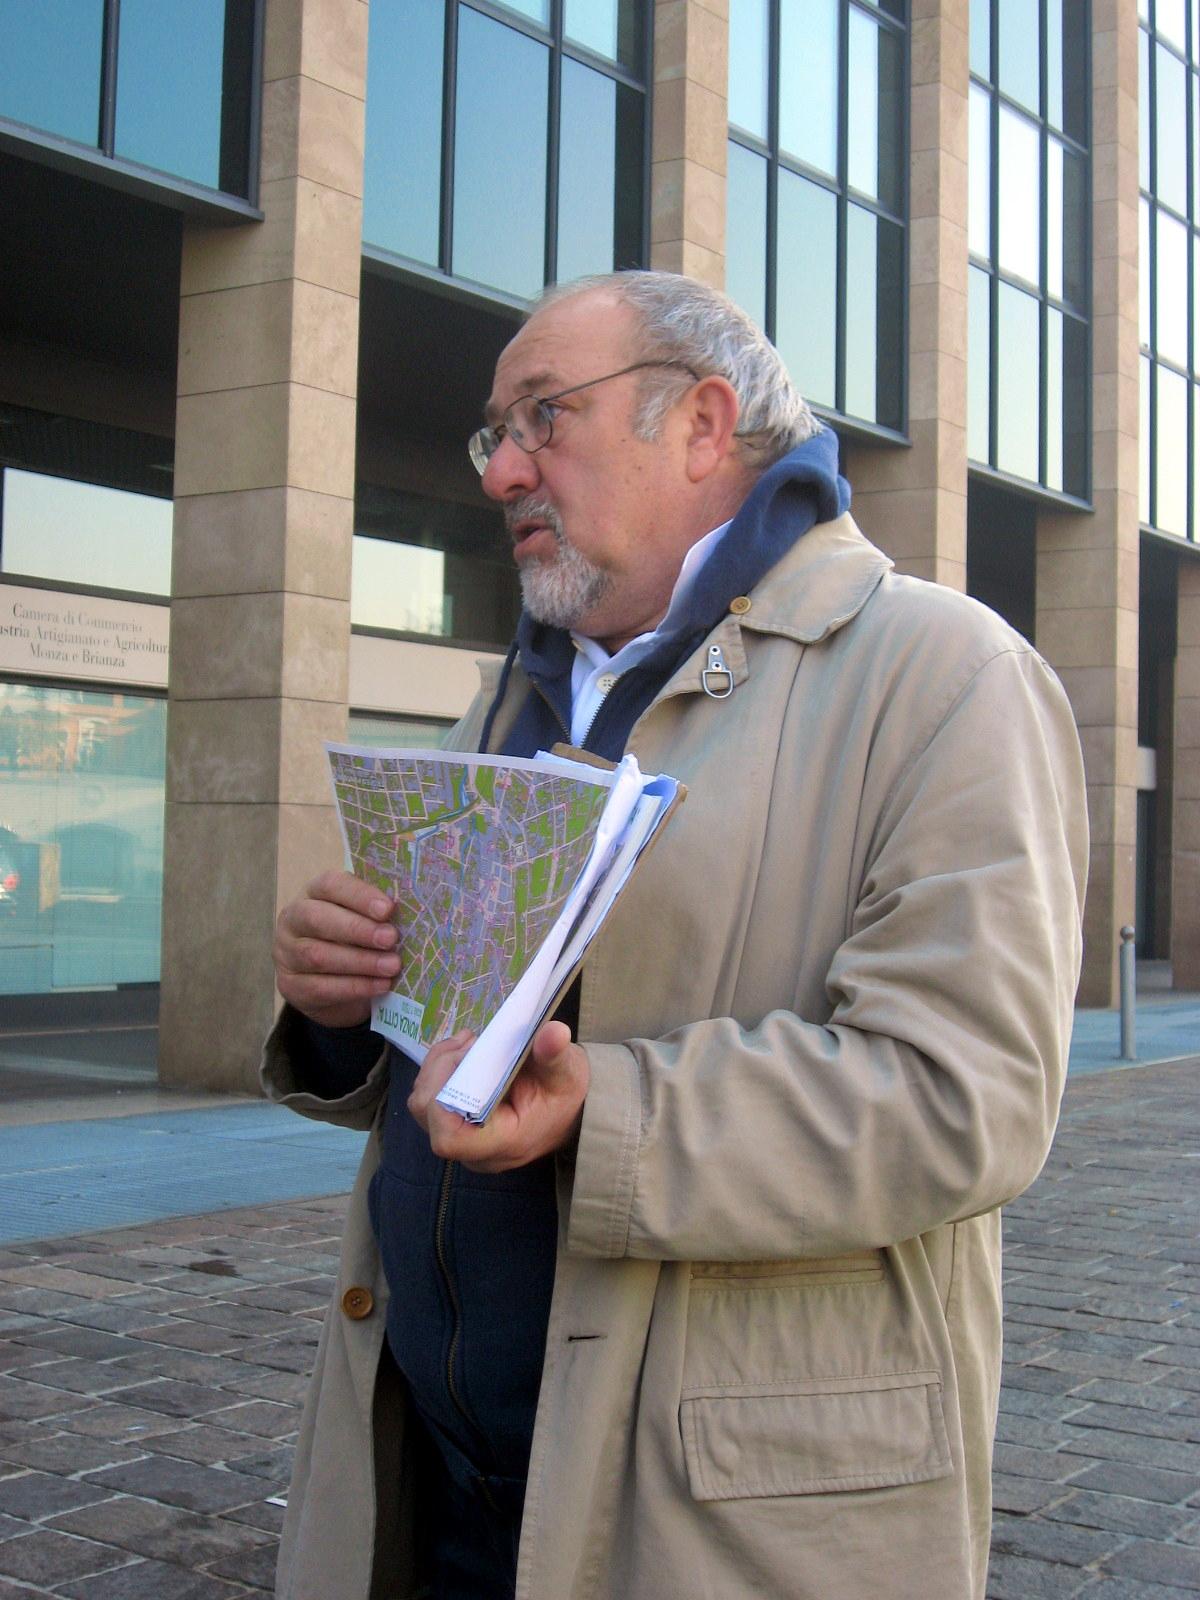 trofeo PPN 2011, a cura di Amelio Titoli (orienteering a score, fotografico)